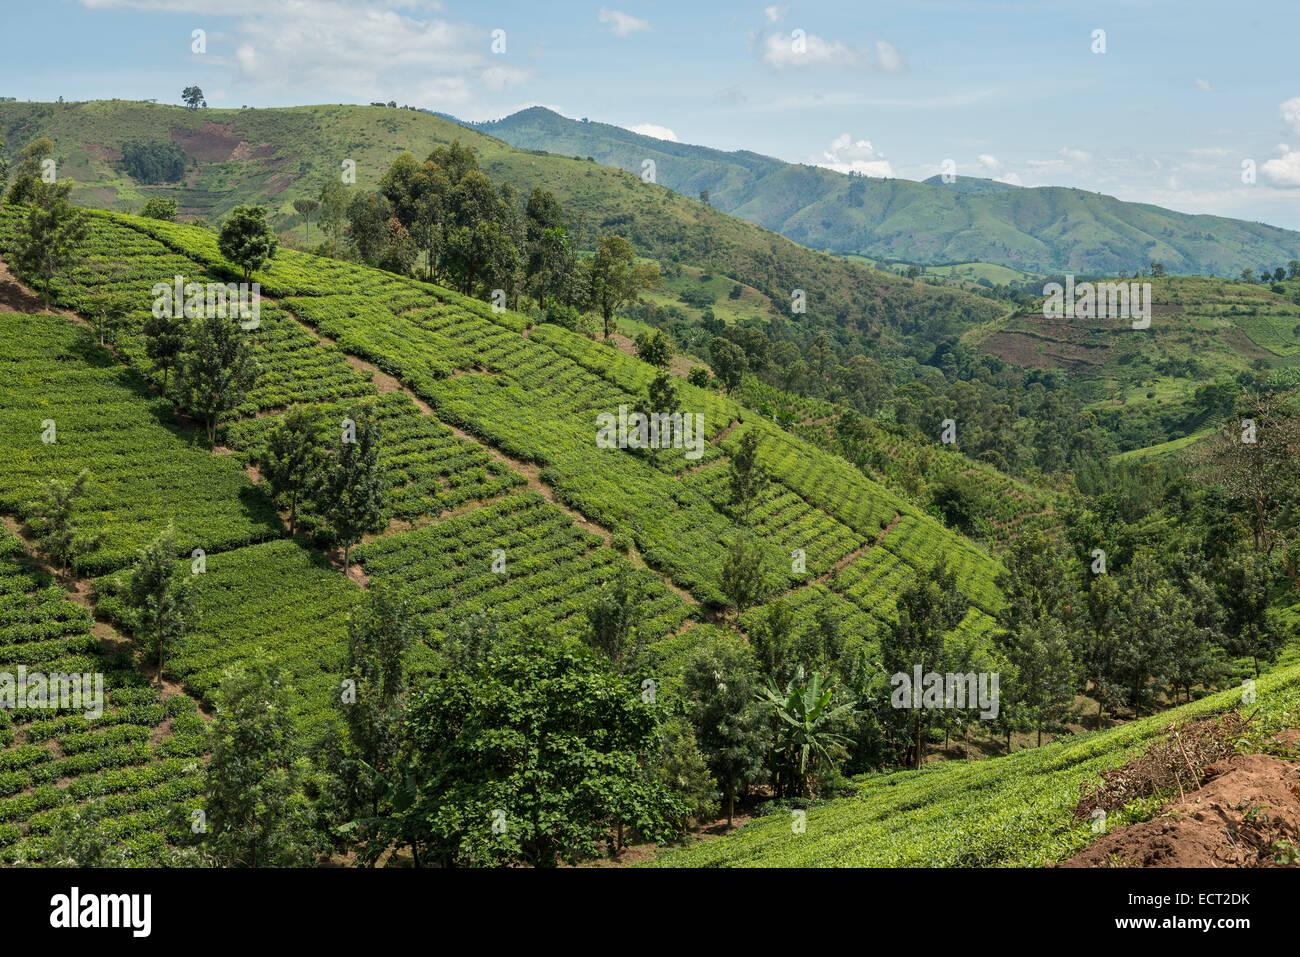 Los campos cultivados en una pendiente, Uganda Imagen De Stock